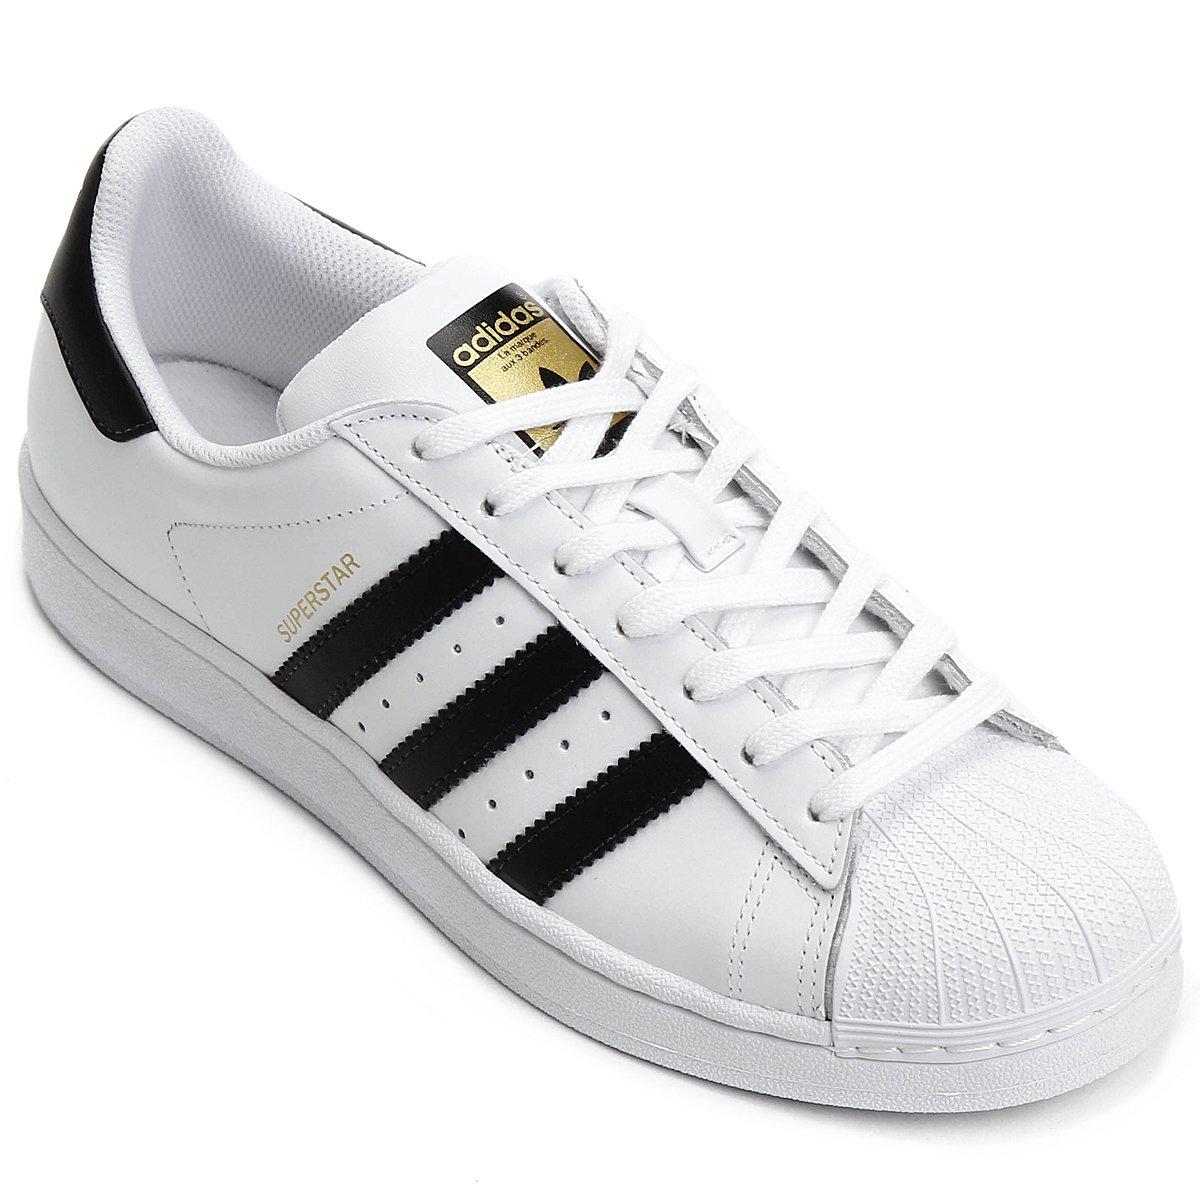 5cbb7740f5e63 Tênis Adidas Superstar Foundation - Compre Agora